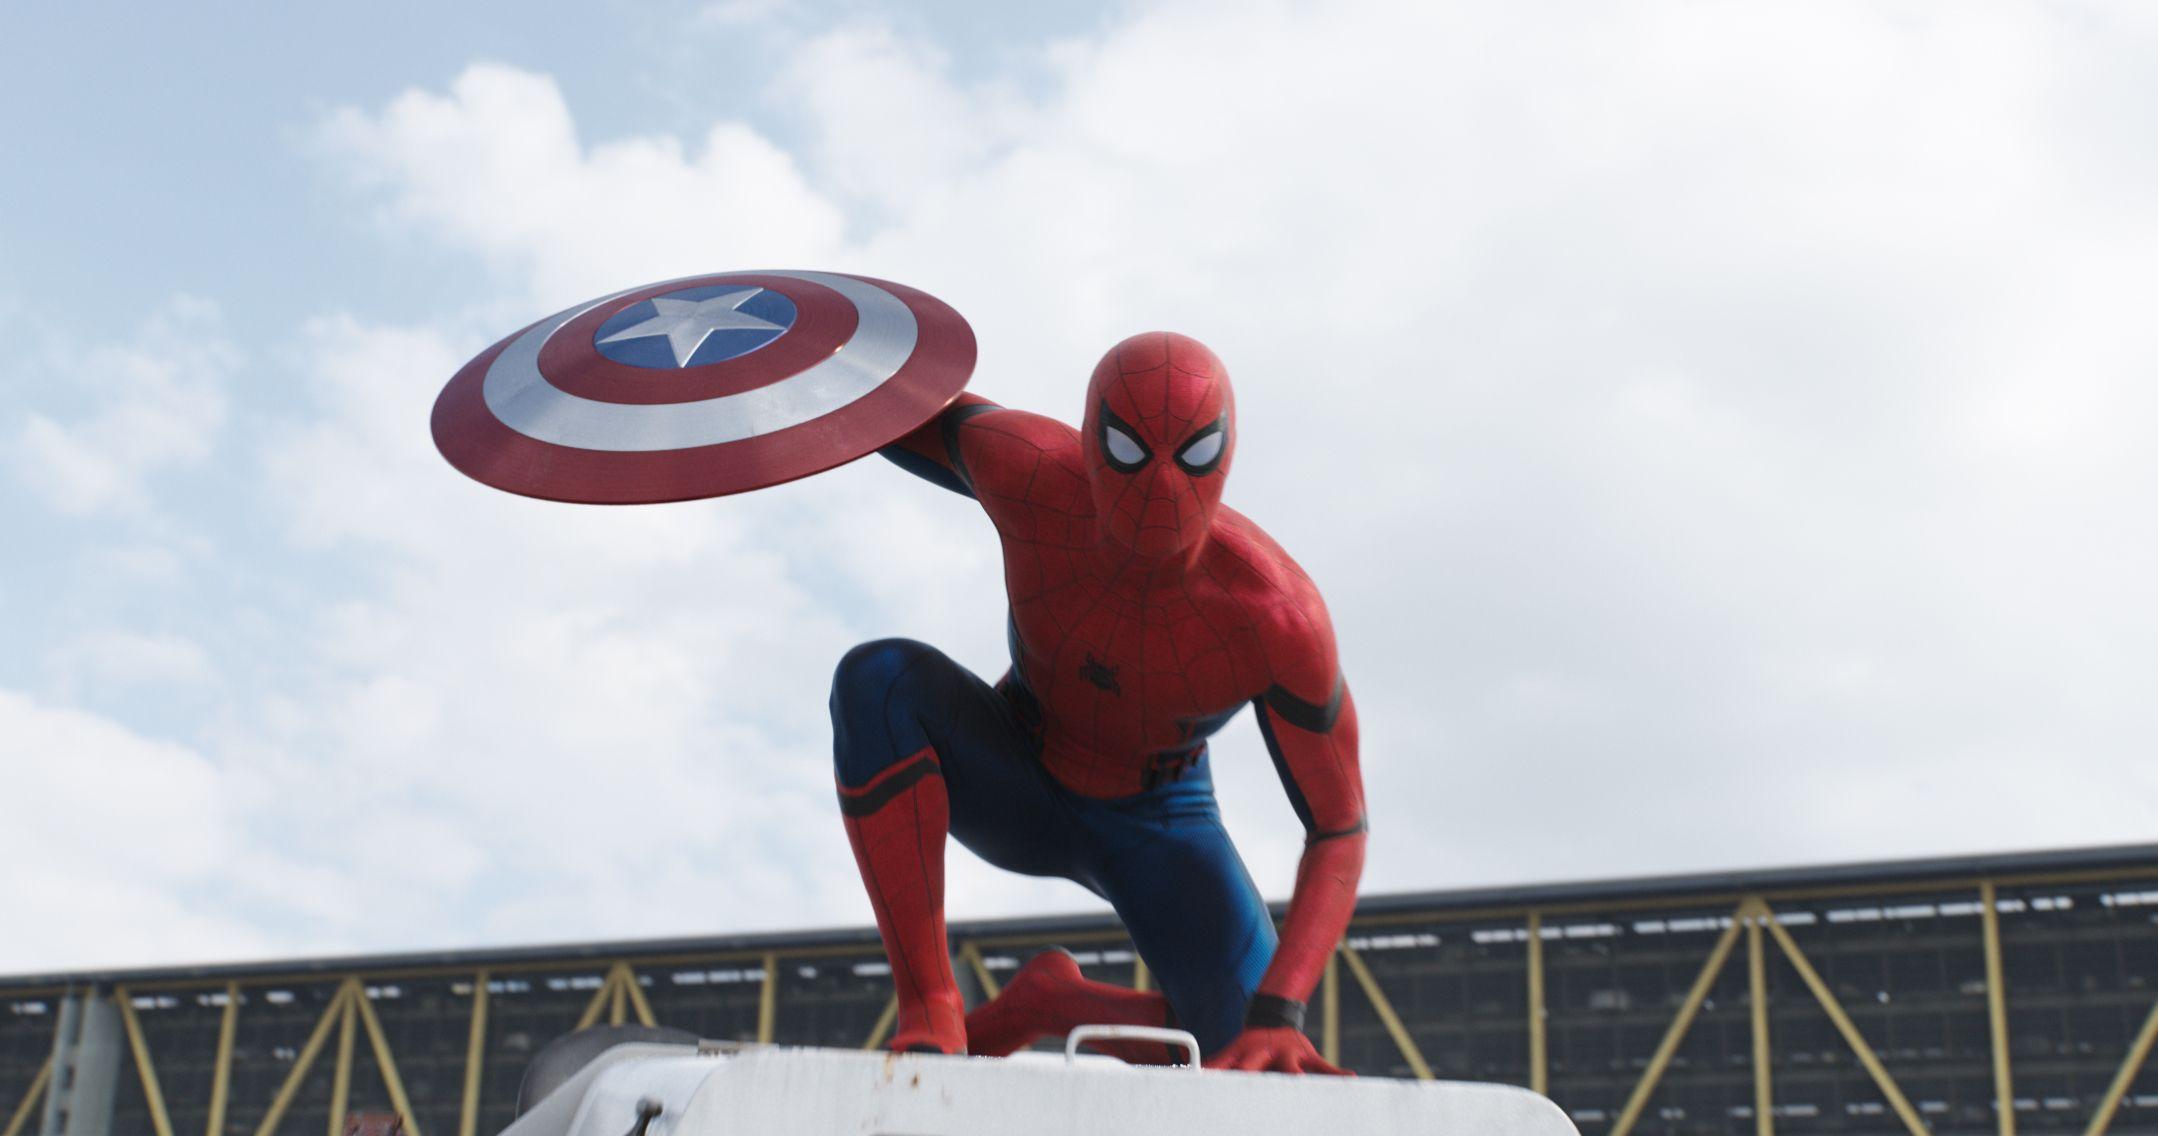 http://cdn.collider.com/wp-content/uploads/2016/03/spider-man-captain-america-civil-war.jpg